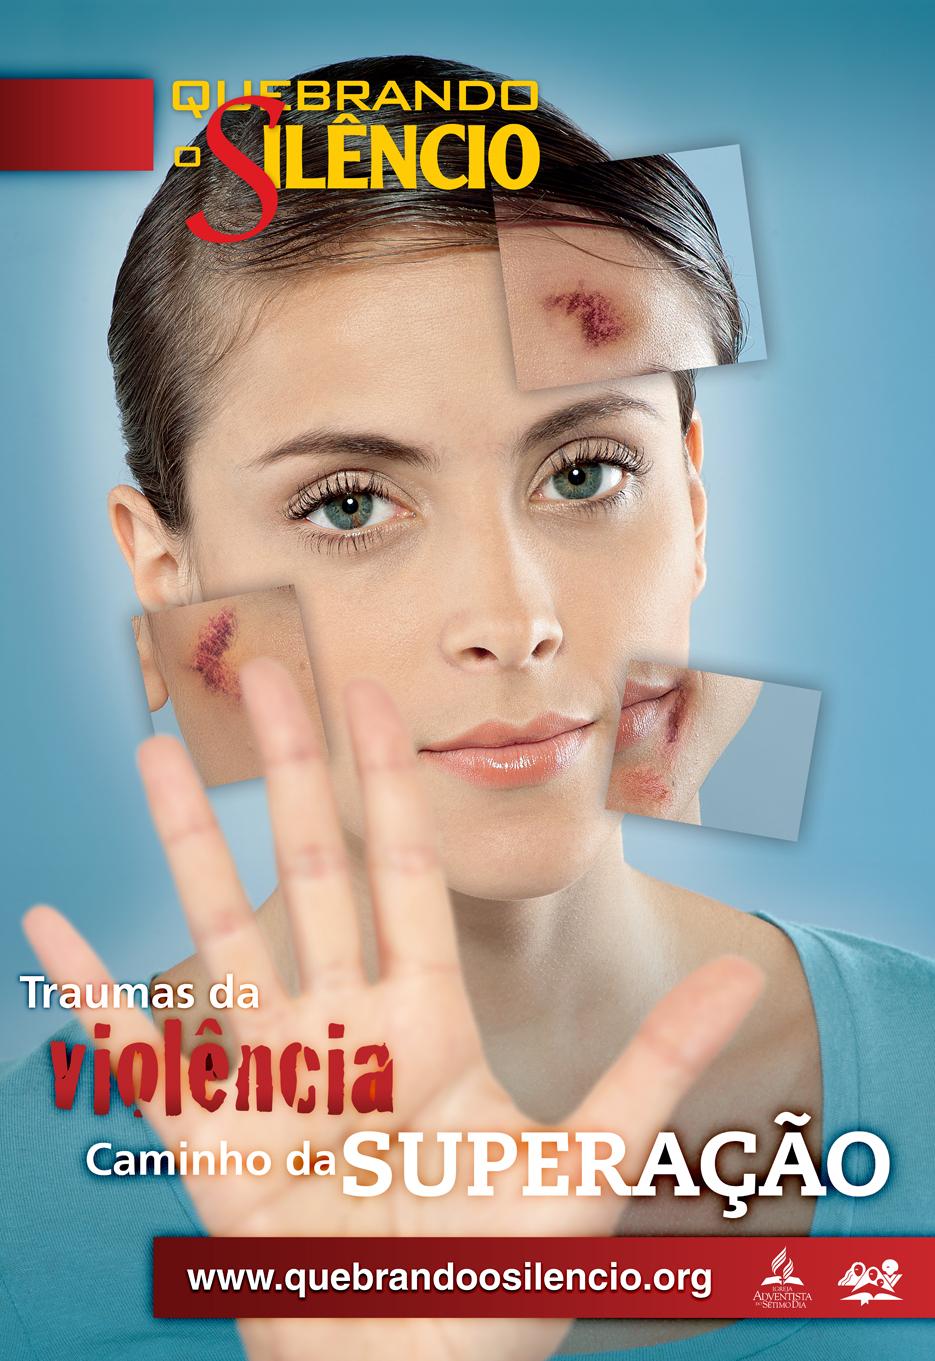 http://noticias.gospelmais.com.br/files/2012/08/banner-QUEBRANDO-O-SILENCIO.jpg